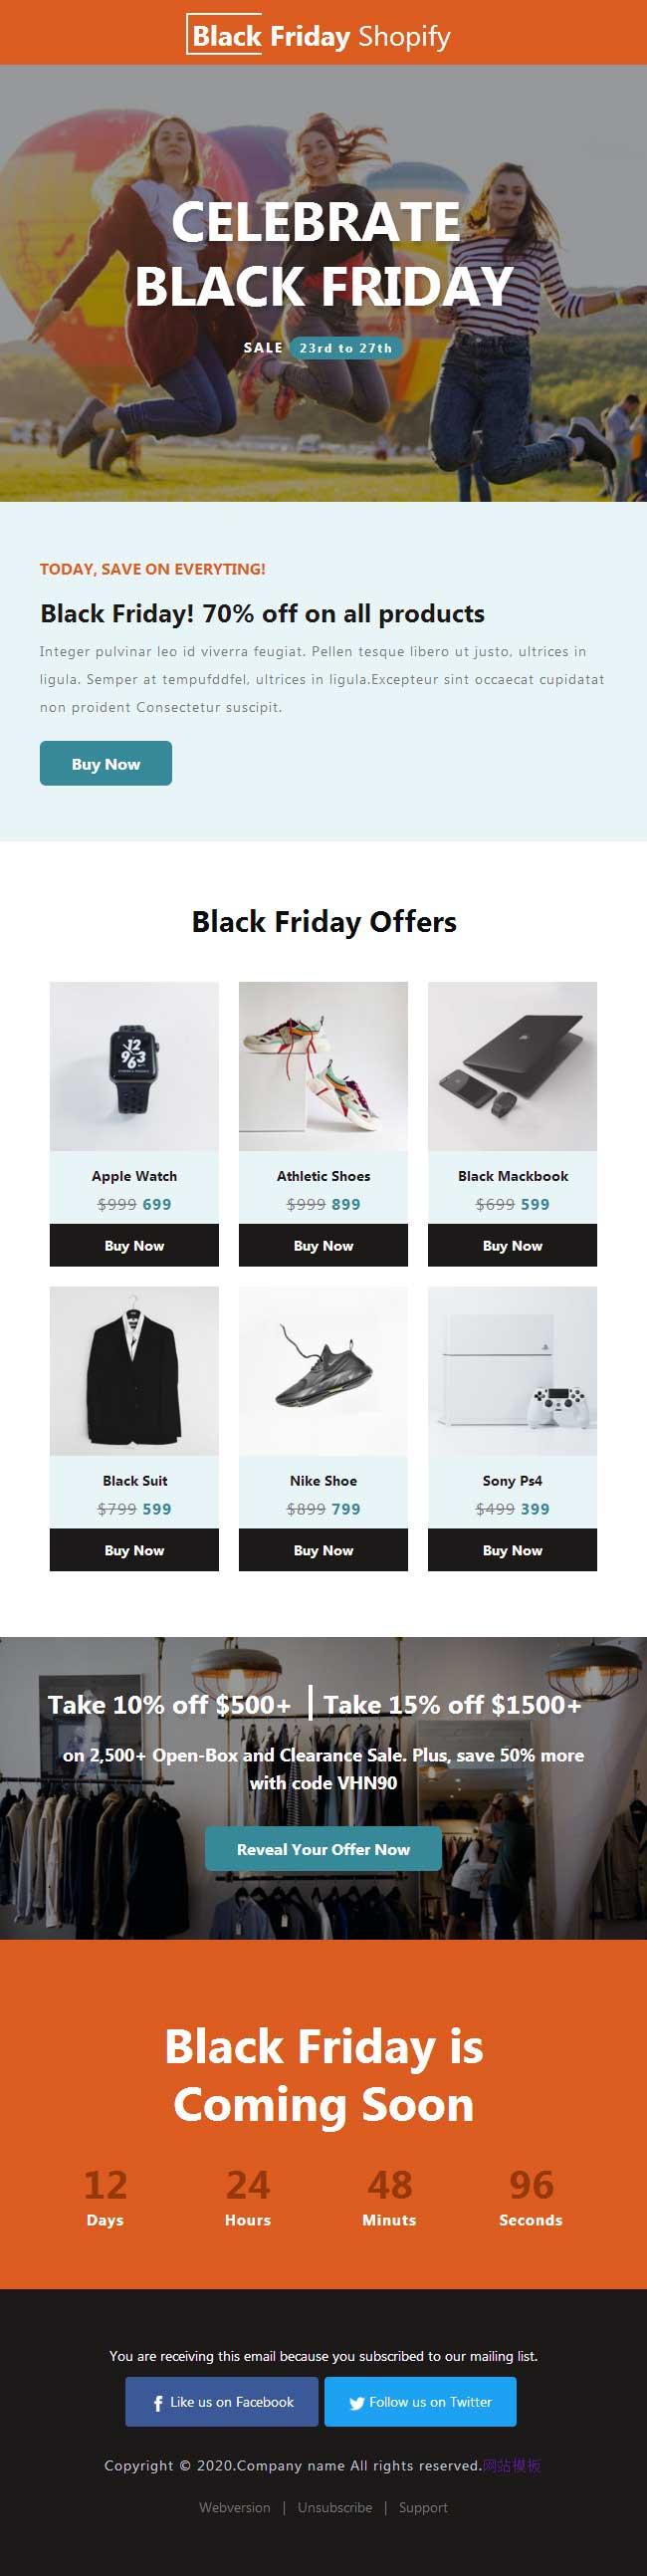 简单窄屏风格商品促销网页模板